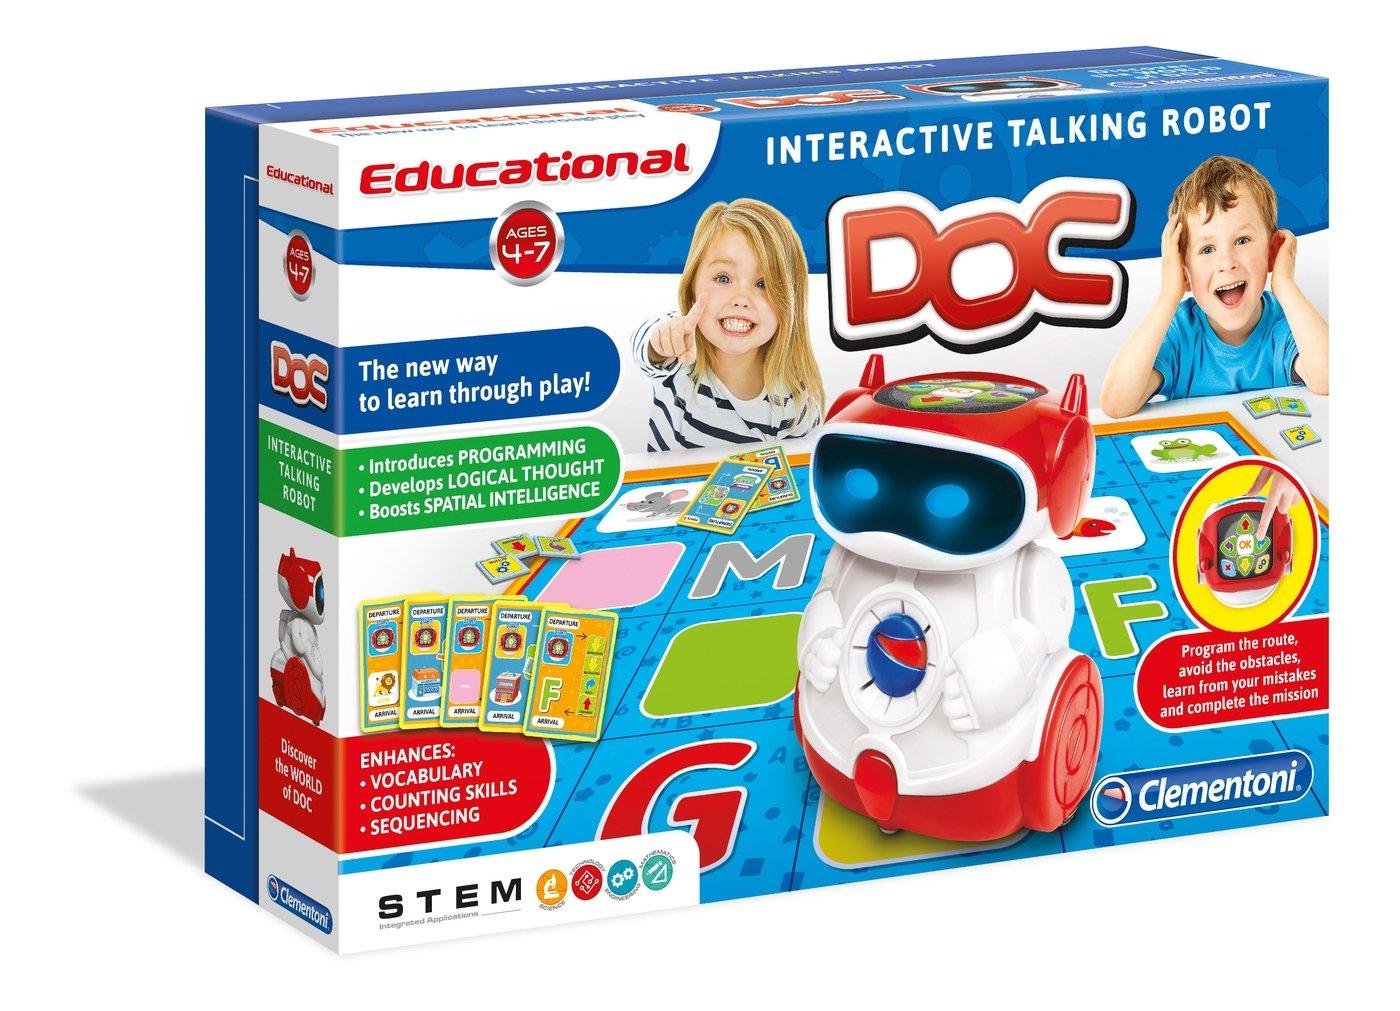 Interactive Talking Robotic Toy DOC Talking Robot Kids Learning Bot Clementoni 75017